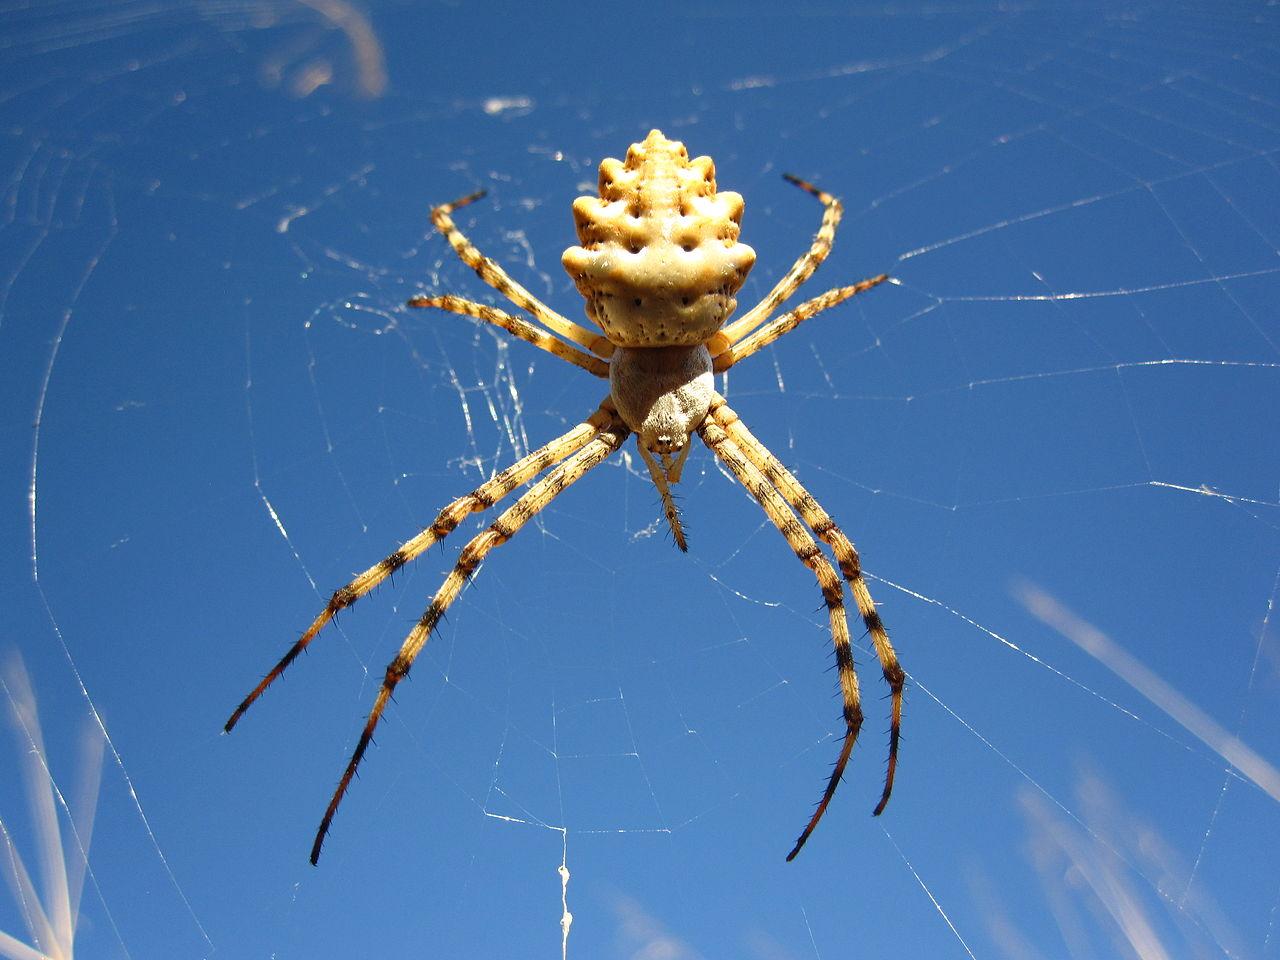 Так выглядит паук <i>Argiope lobata</i>. Его яд парализует как беспозвоночных, так имелких позвоночных животных. Для крупных животных (в т.ч. человека)— неопасен. || Фото— Tashkoskim, <i>Wikimedia Commons</i>.